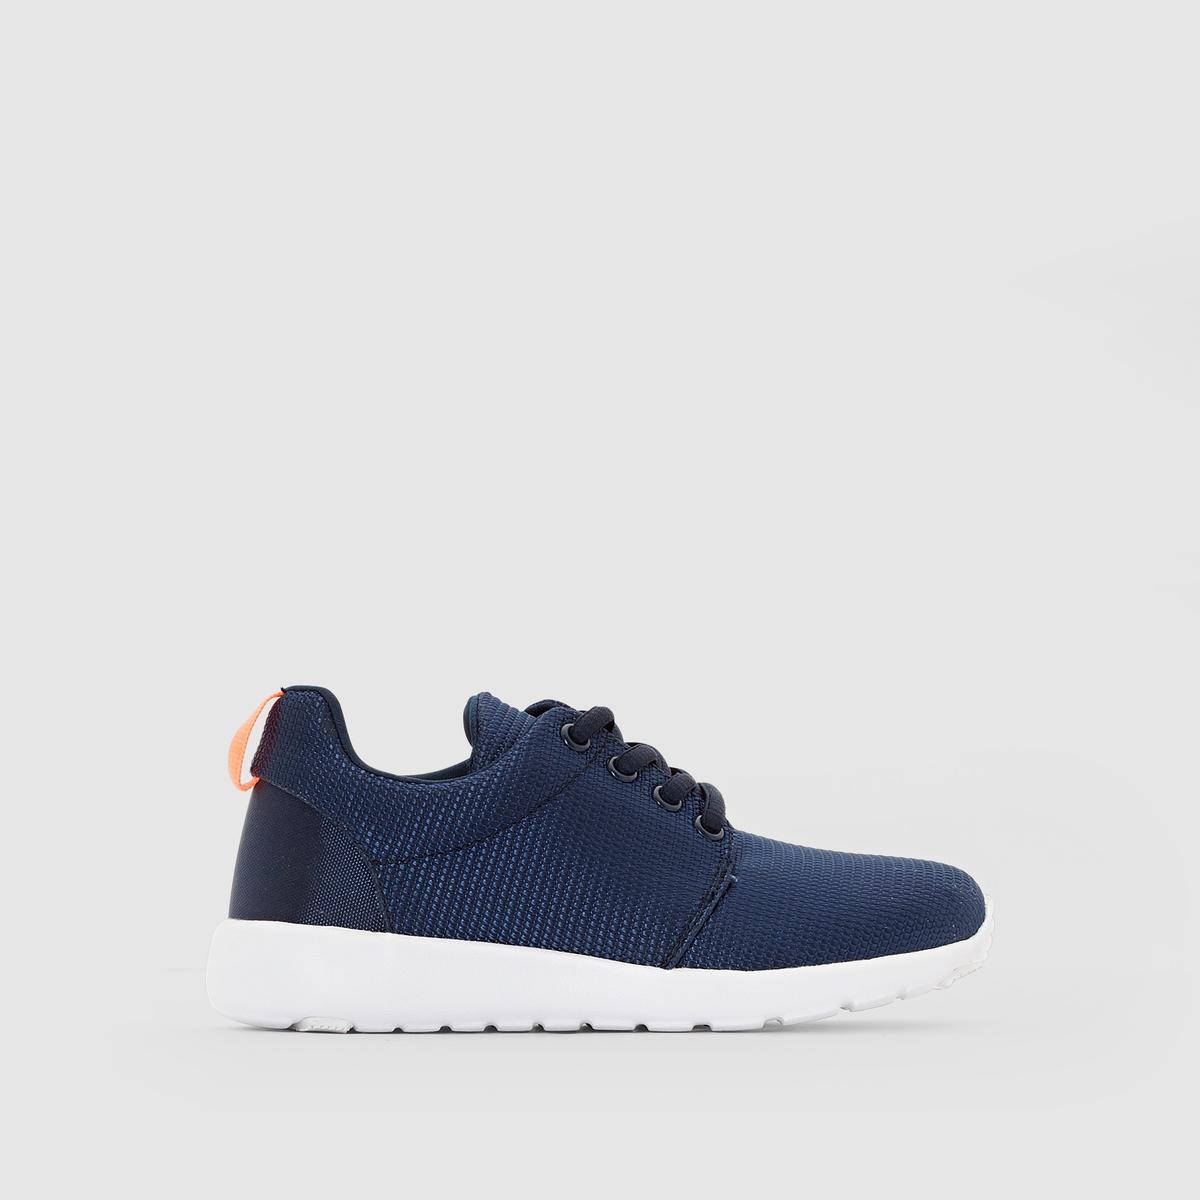 Кеды низкие в стиле runningКрасивая линейка обуви running в модных тенденциях и с очень стильными мотивам: кеды, который придутся по вкусу как детям, так и взрослым!<br><br>Цвет: синий морской<br>Размер: 36.27